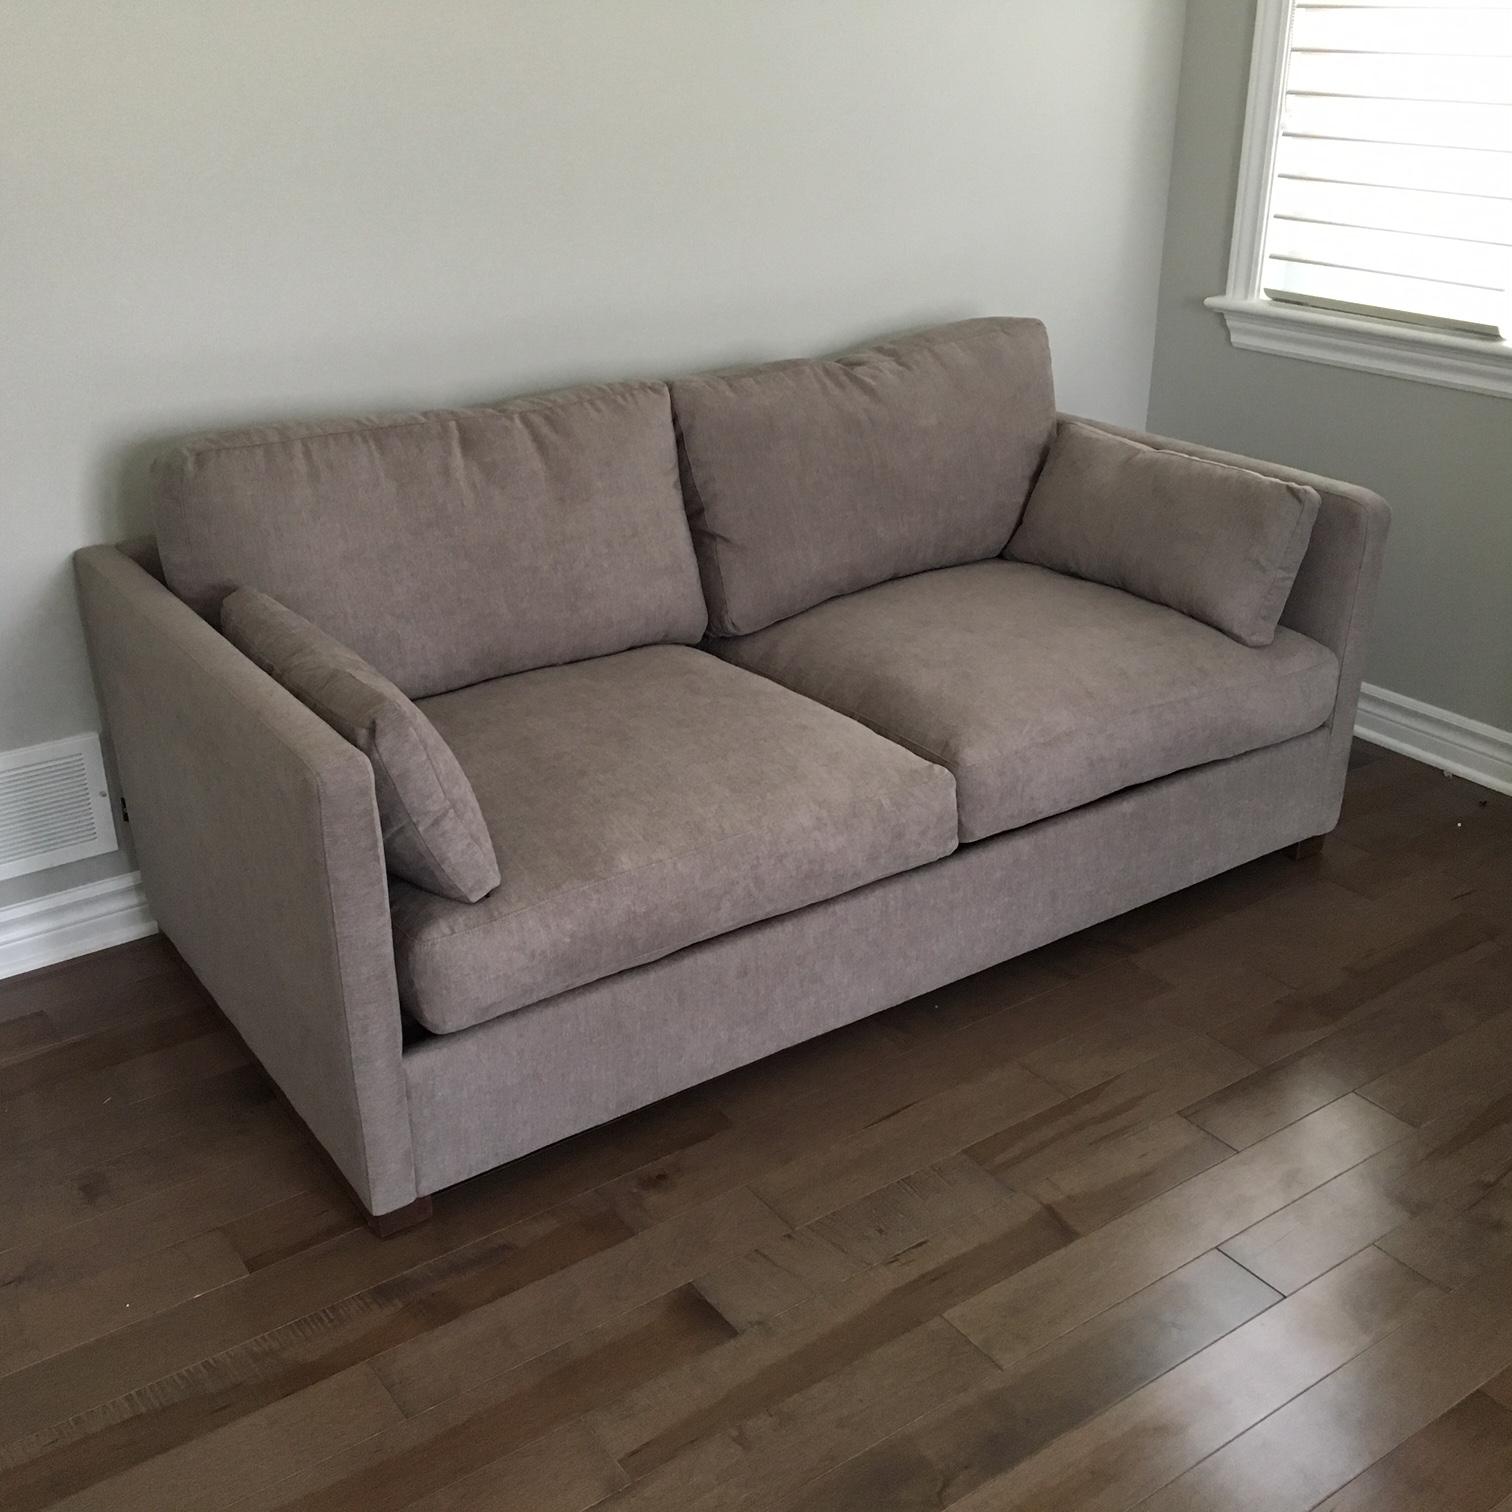 condo sized sectional sofa ottawa semi circle outdoor aberdeen mikaza meubles modernes